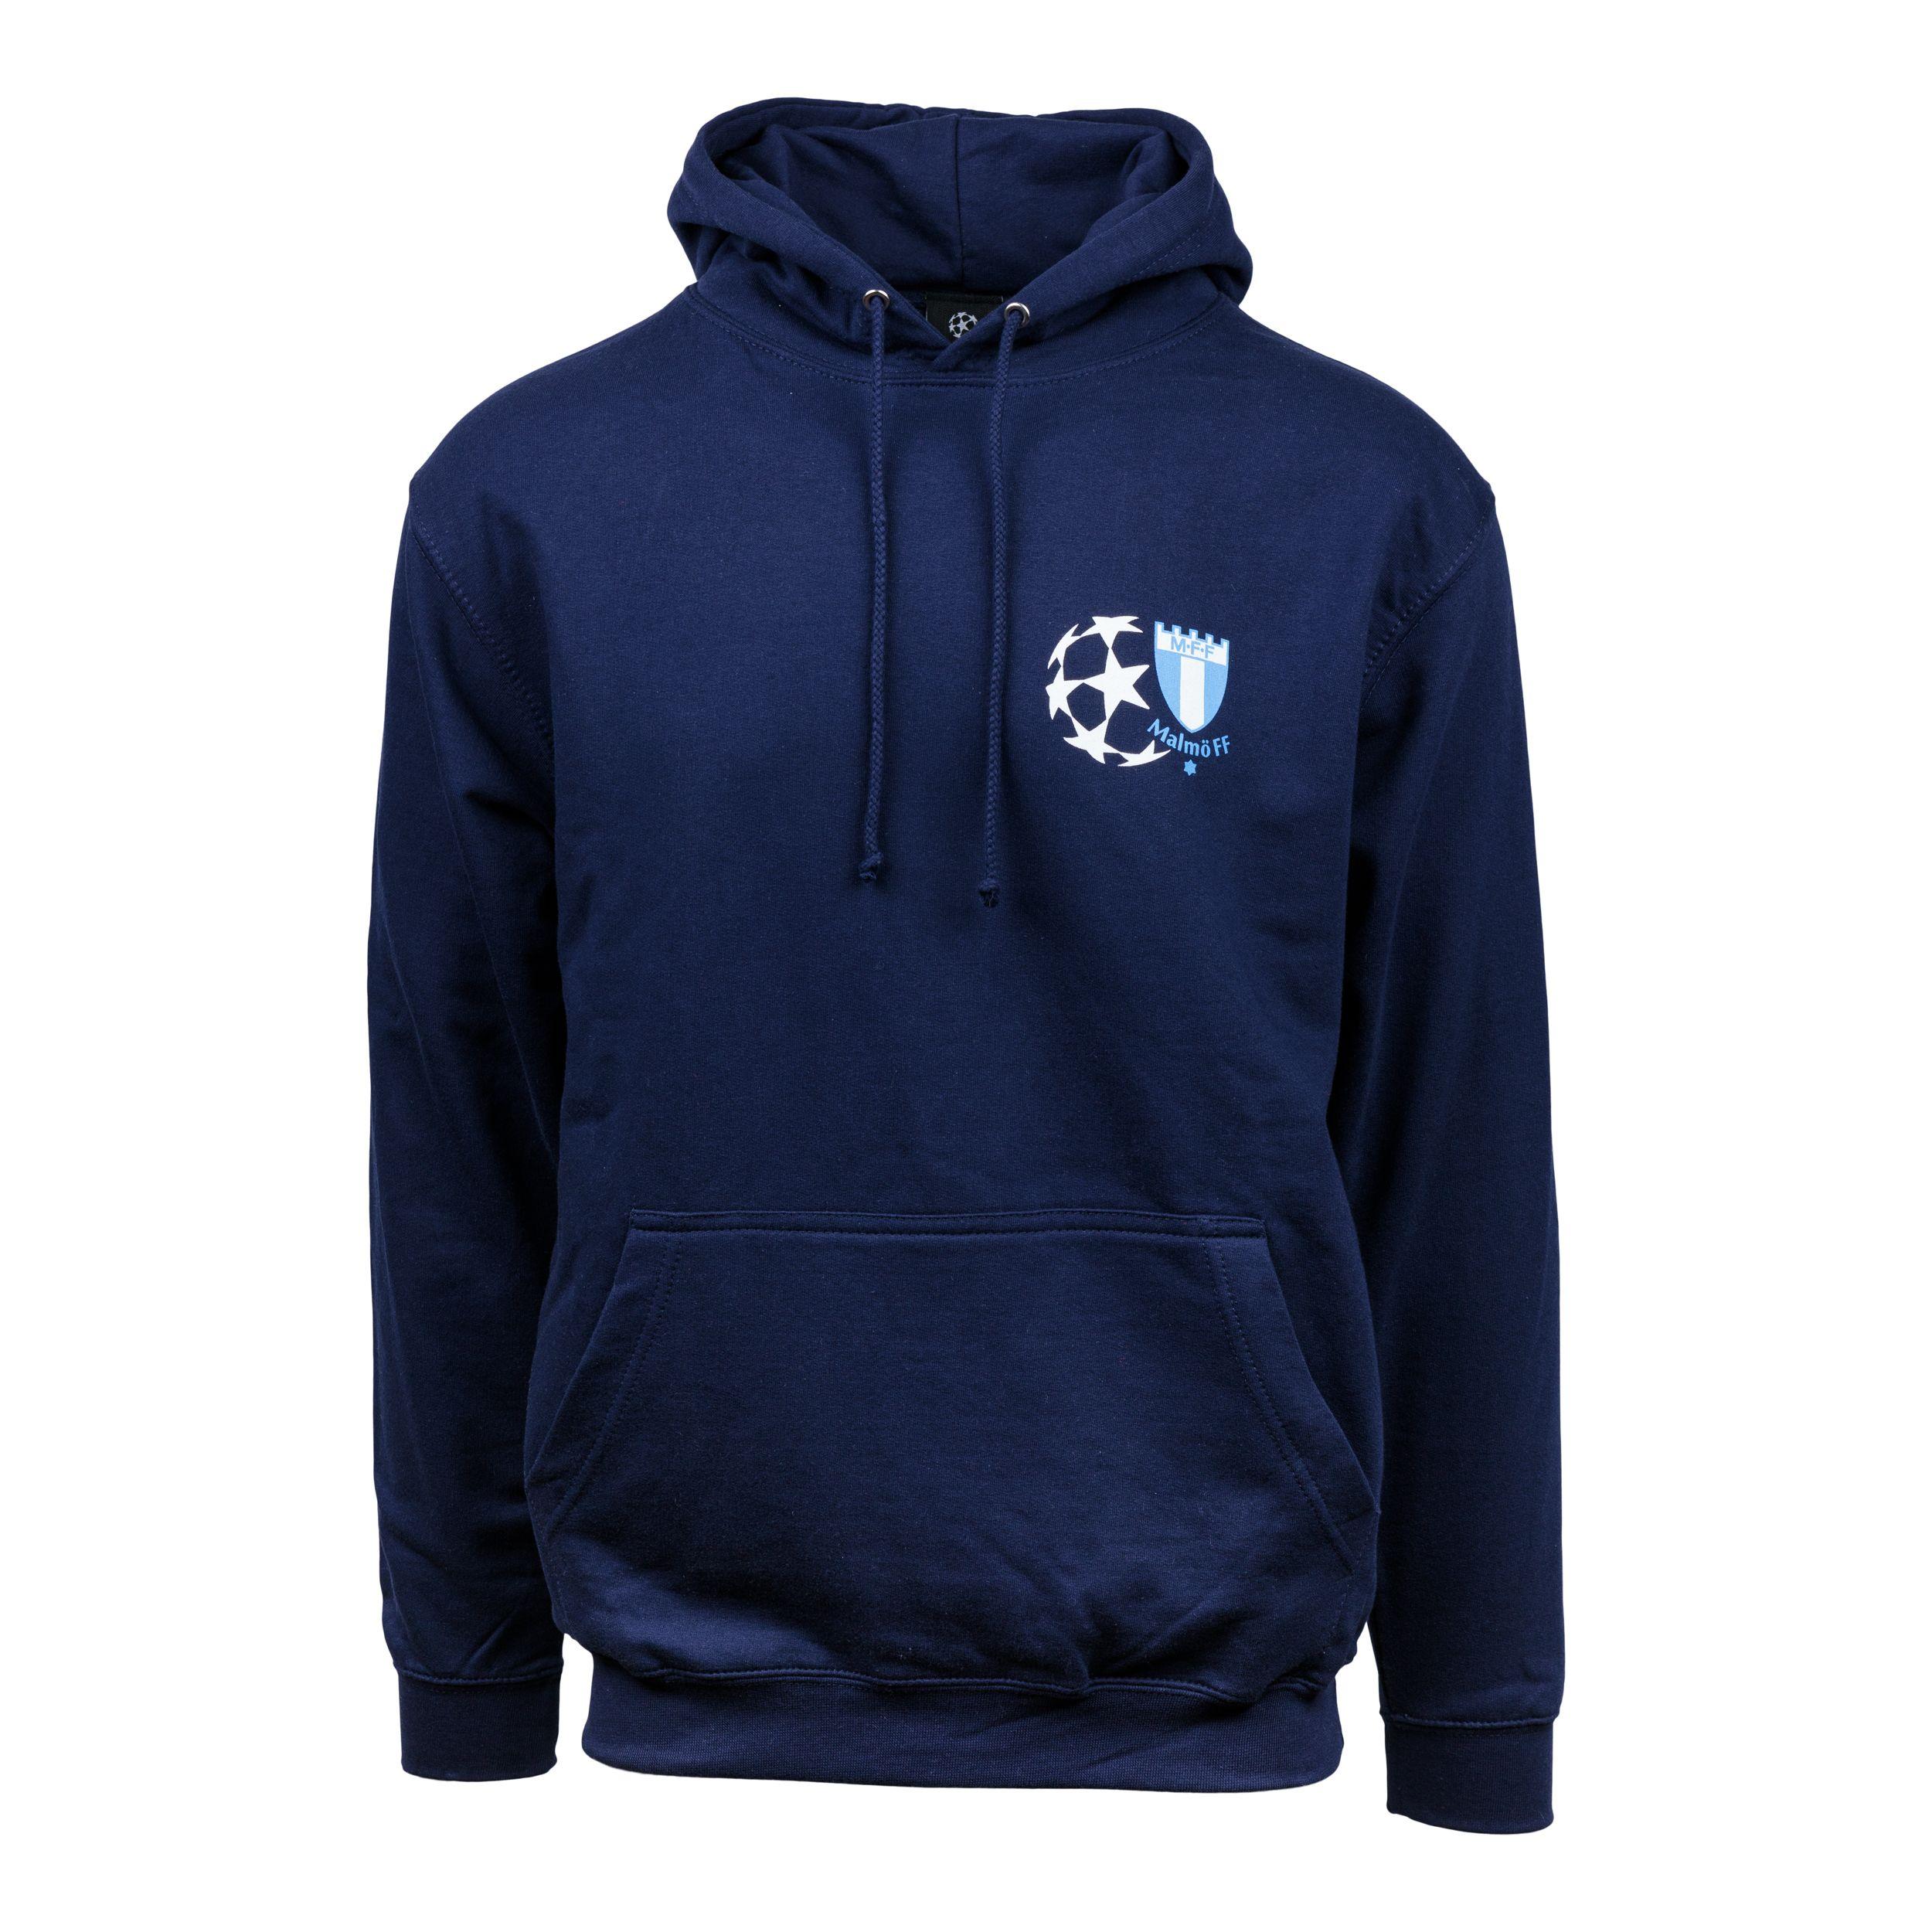 CL hoodie